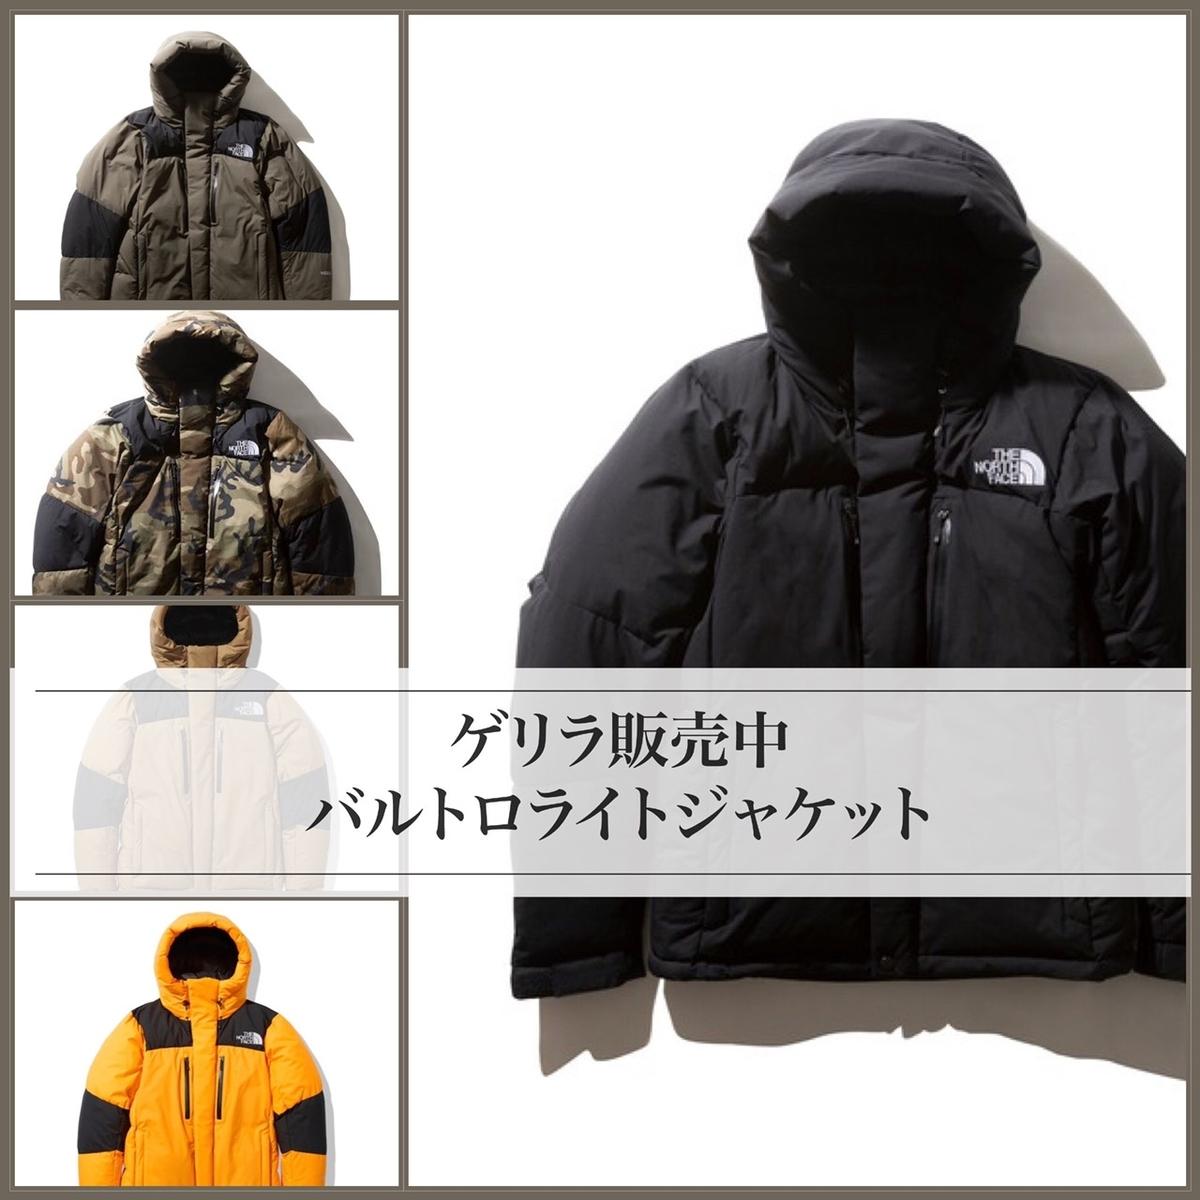 f:id:t-naito-tnf:20201126205531j:plain